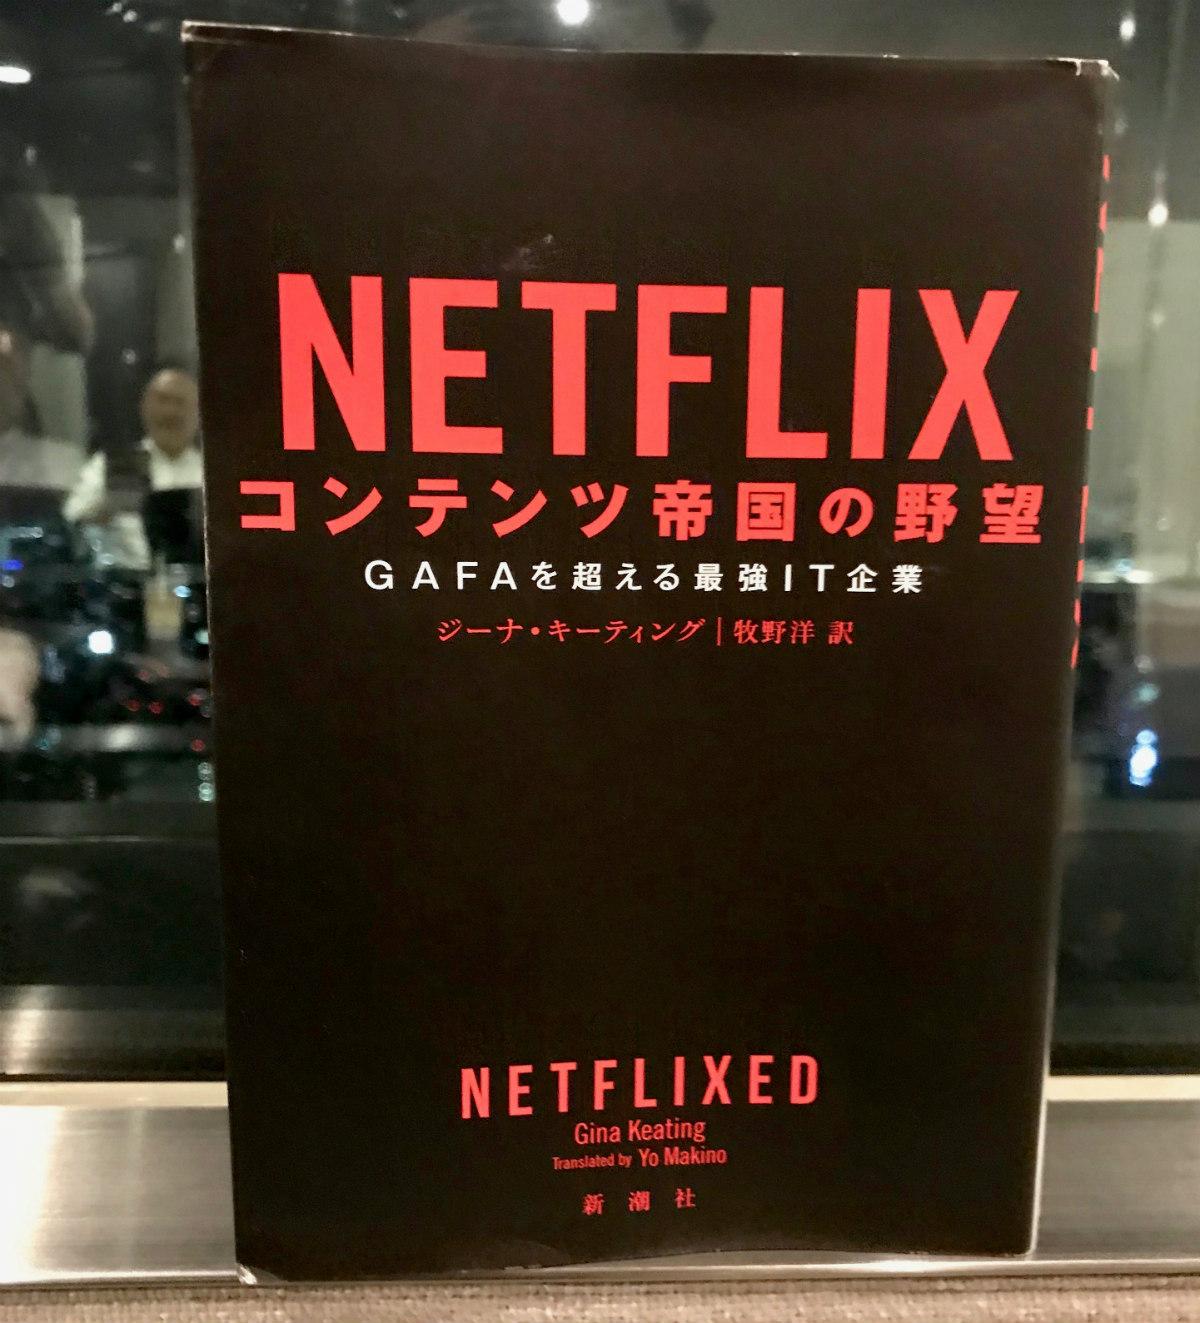 この本を読んでから、Netflixを観るのが怖い…『NETFLIX コンテンツ帝国の野望』で明かされる実態